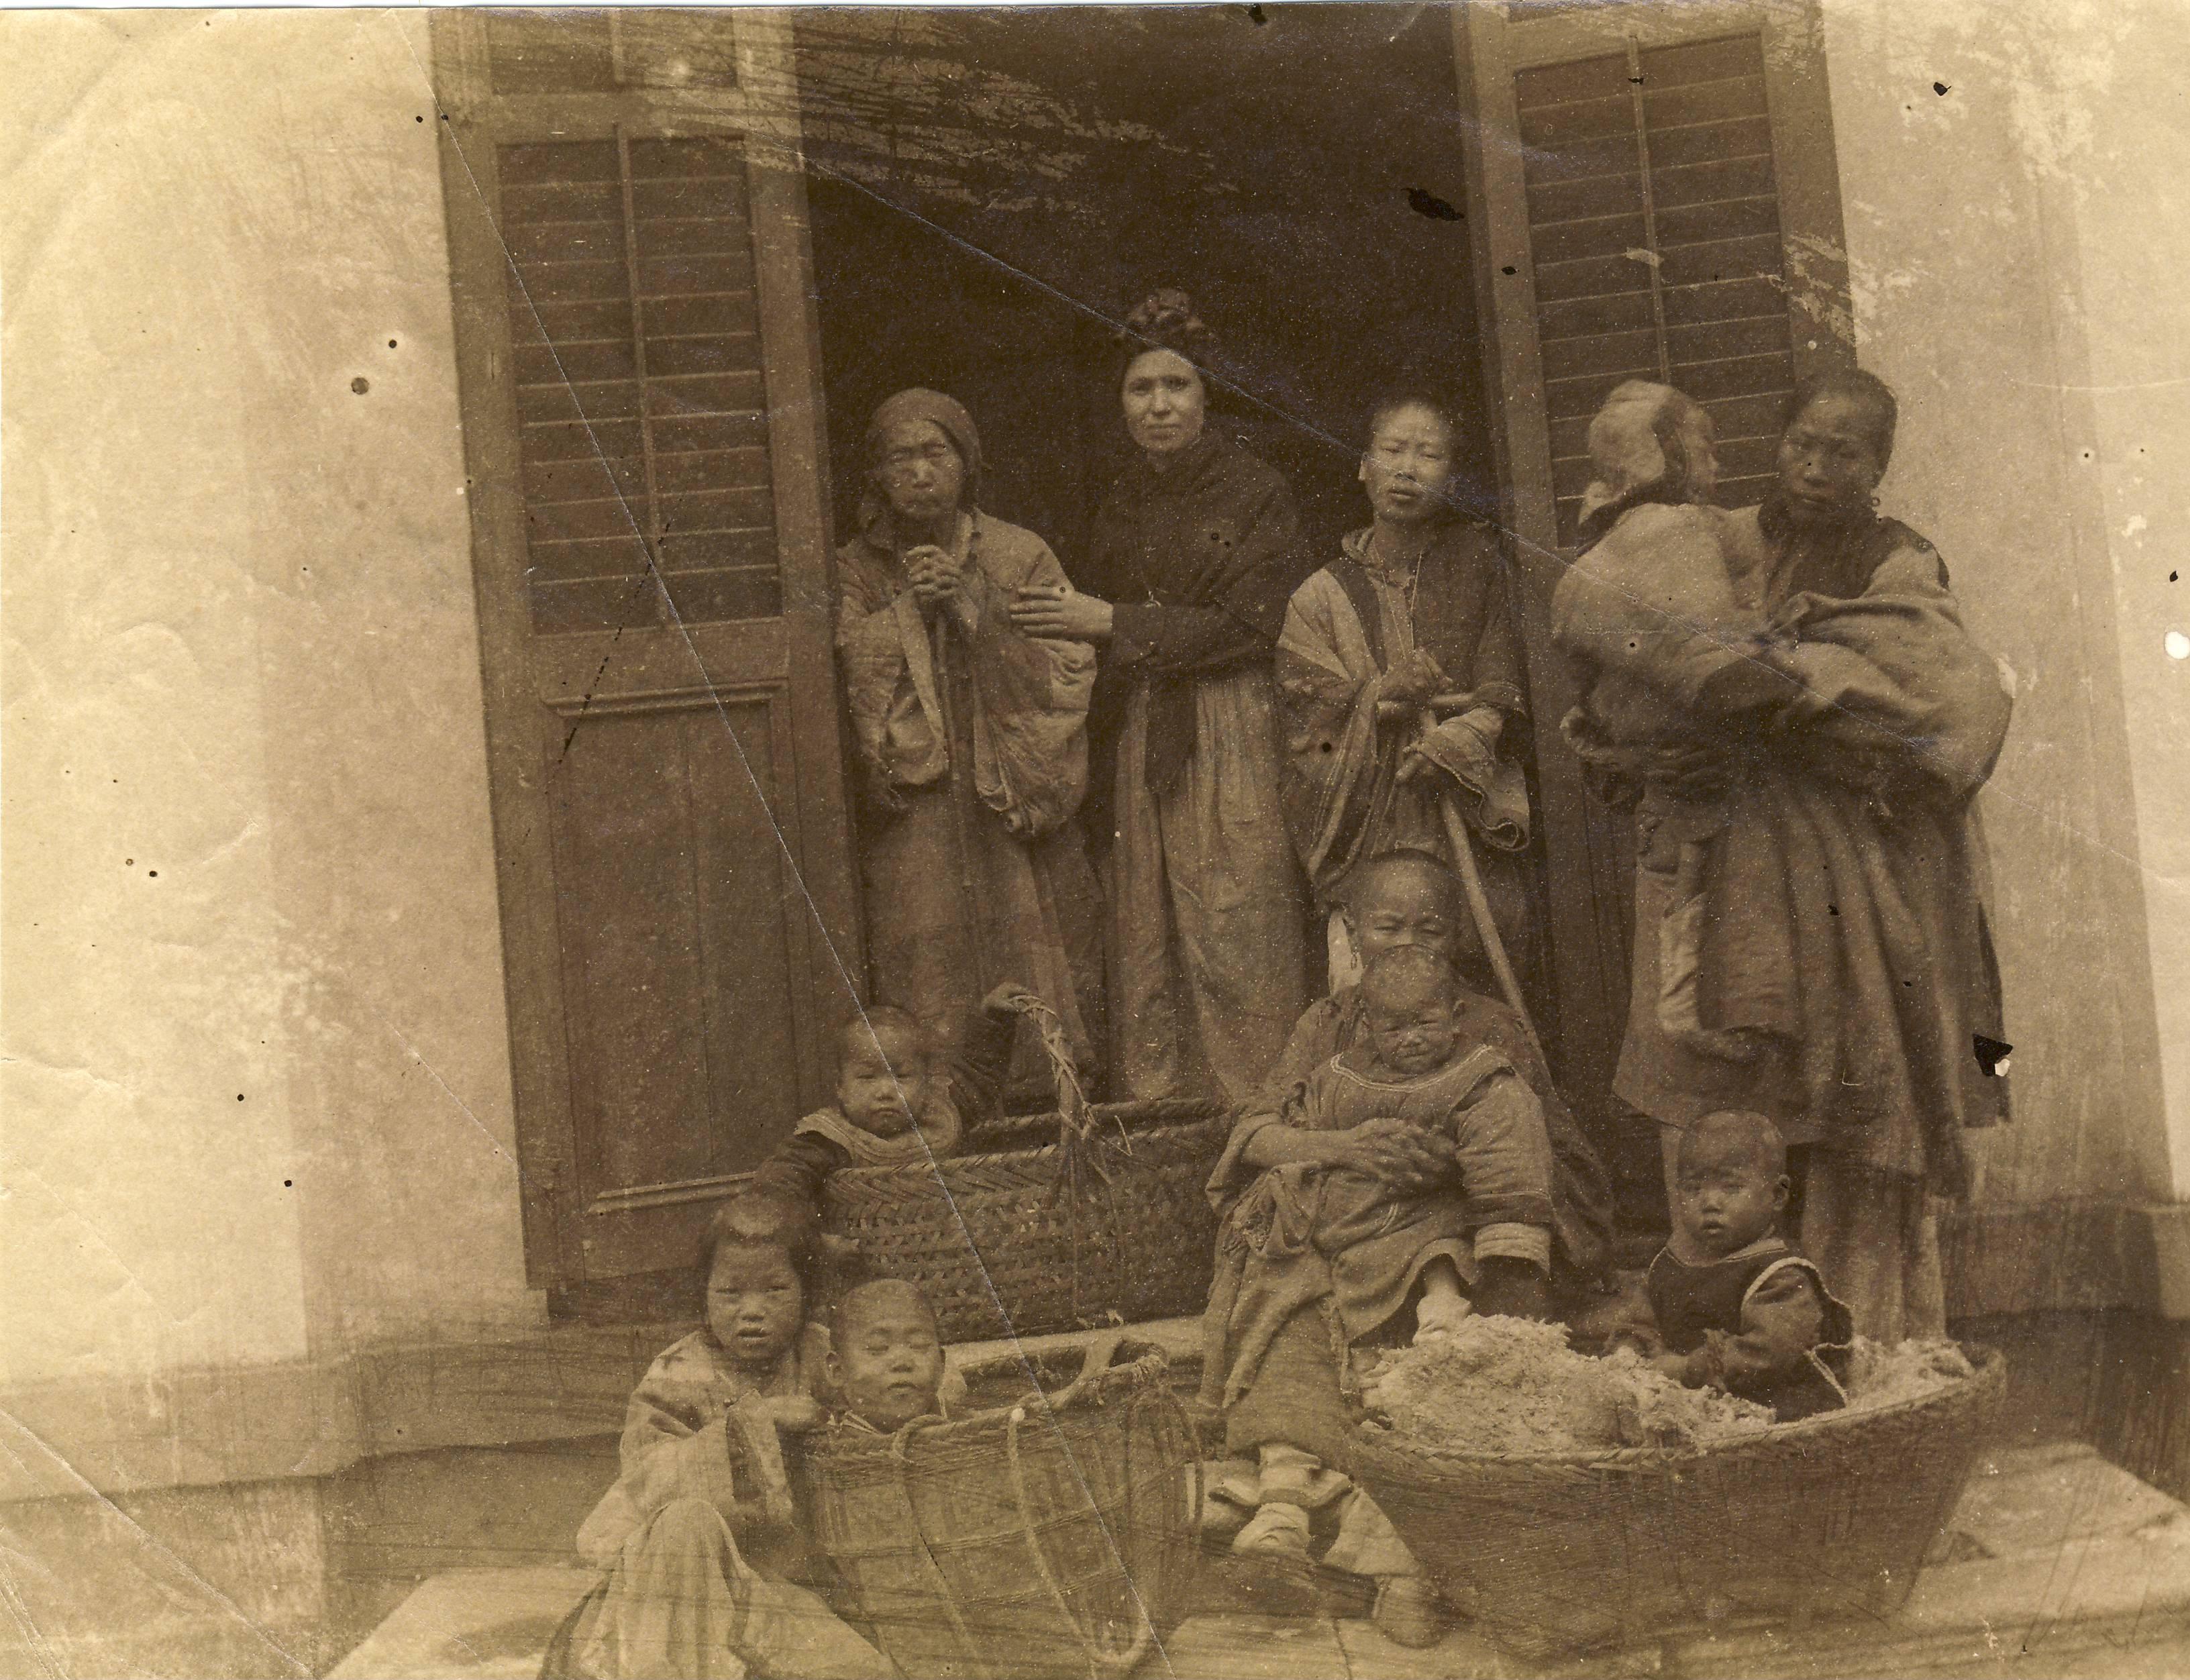 ricevimento delle persone nella portineria del convento Hankow